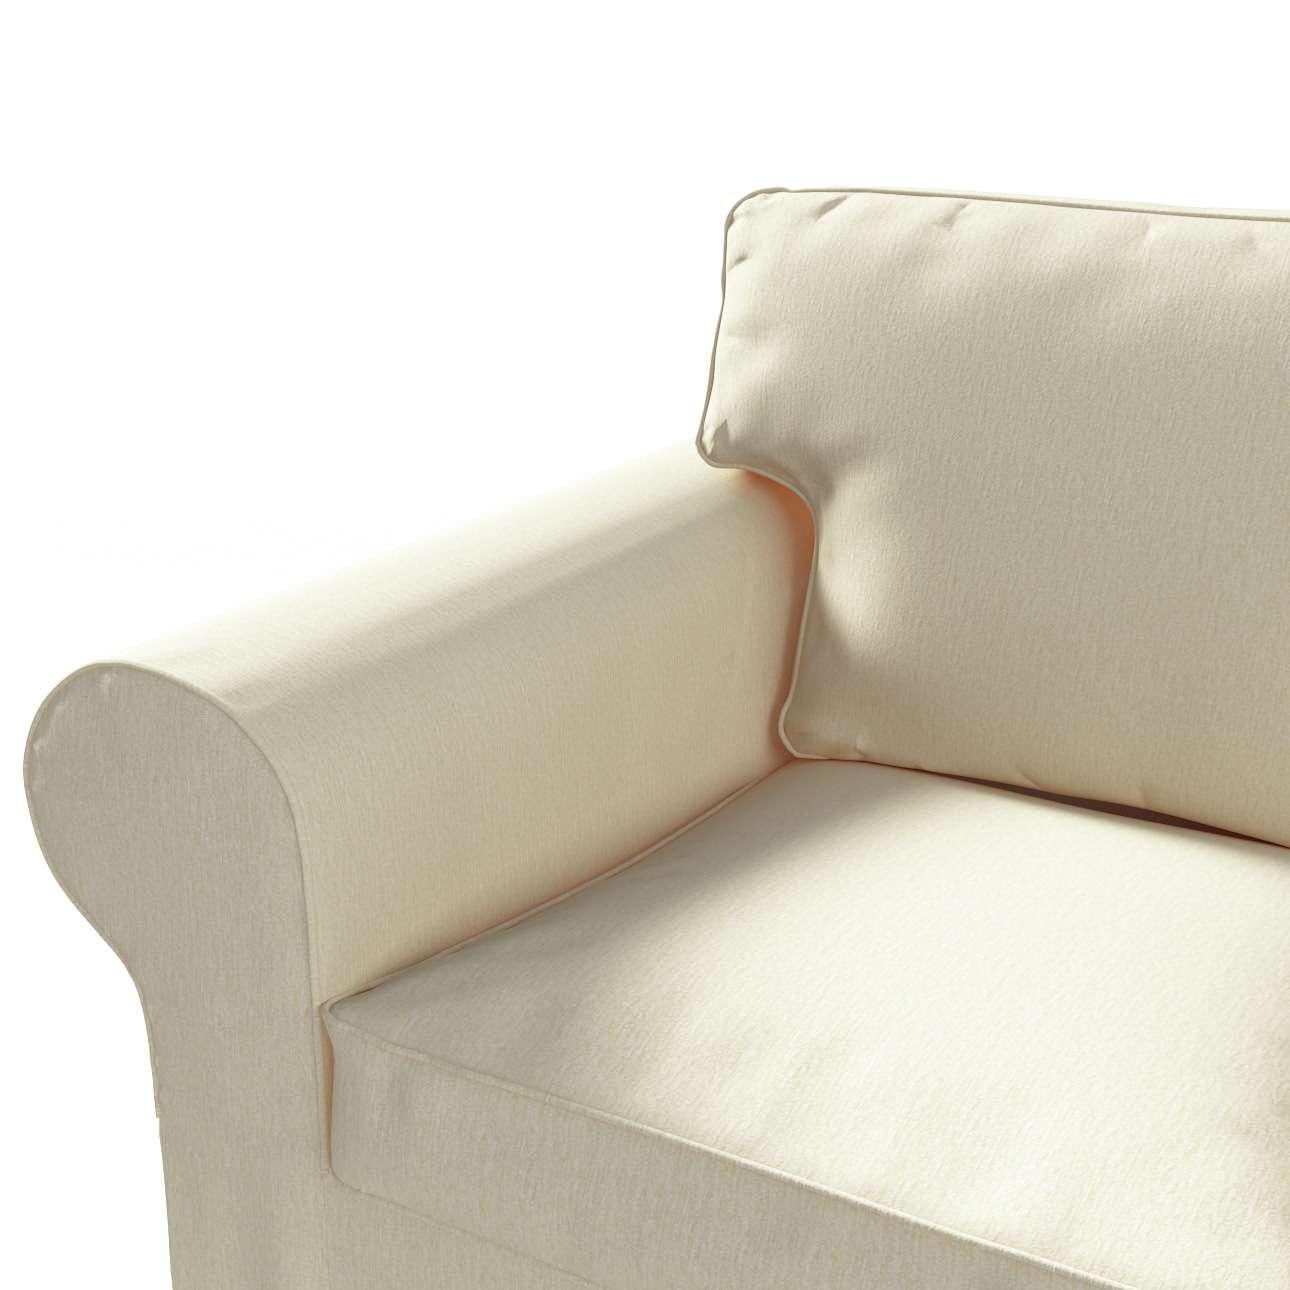 Ektorp trivietės sofos-lovos užvalkalas Ektorp trivietė sofa-lova kolekcijoje Chenille, audinys: 702-22